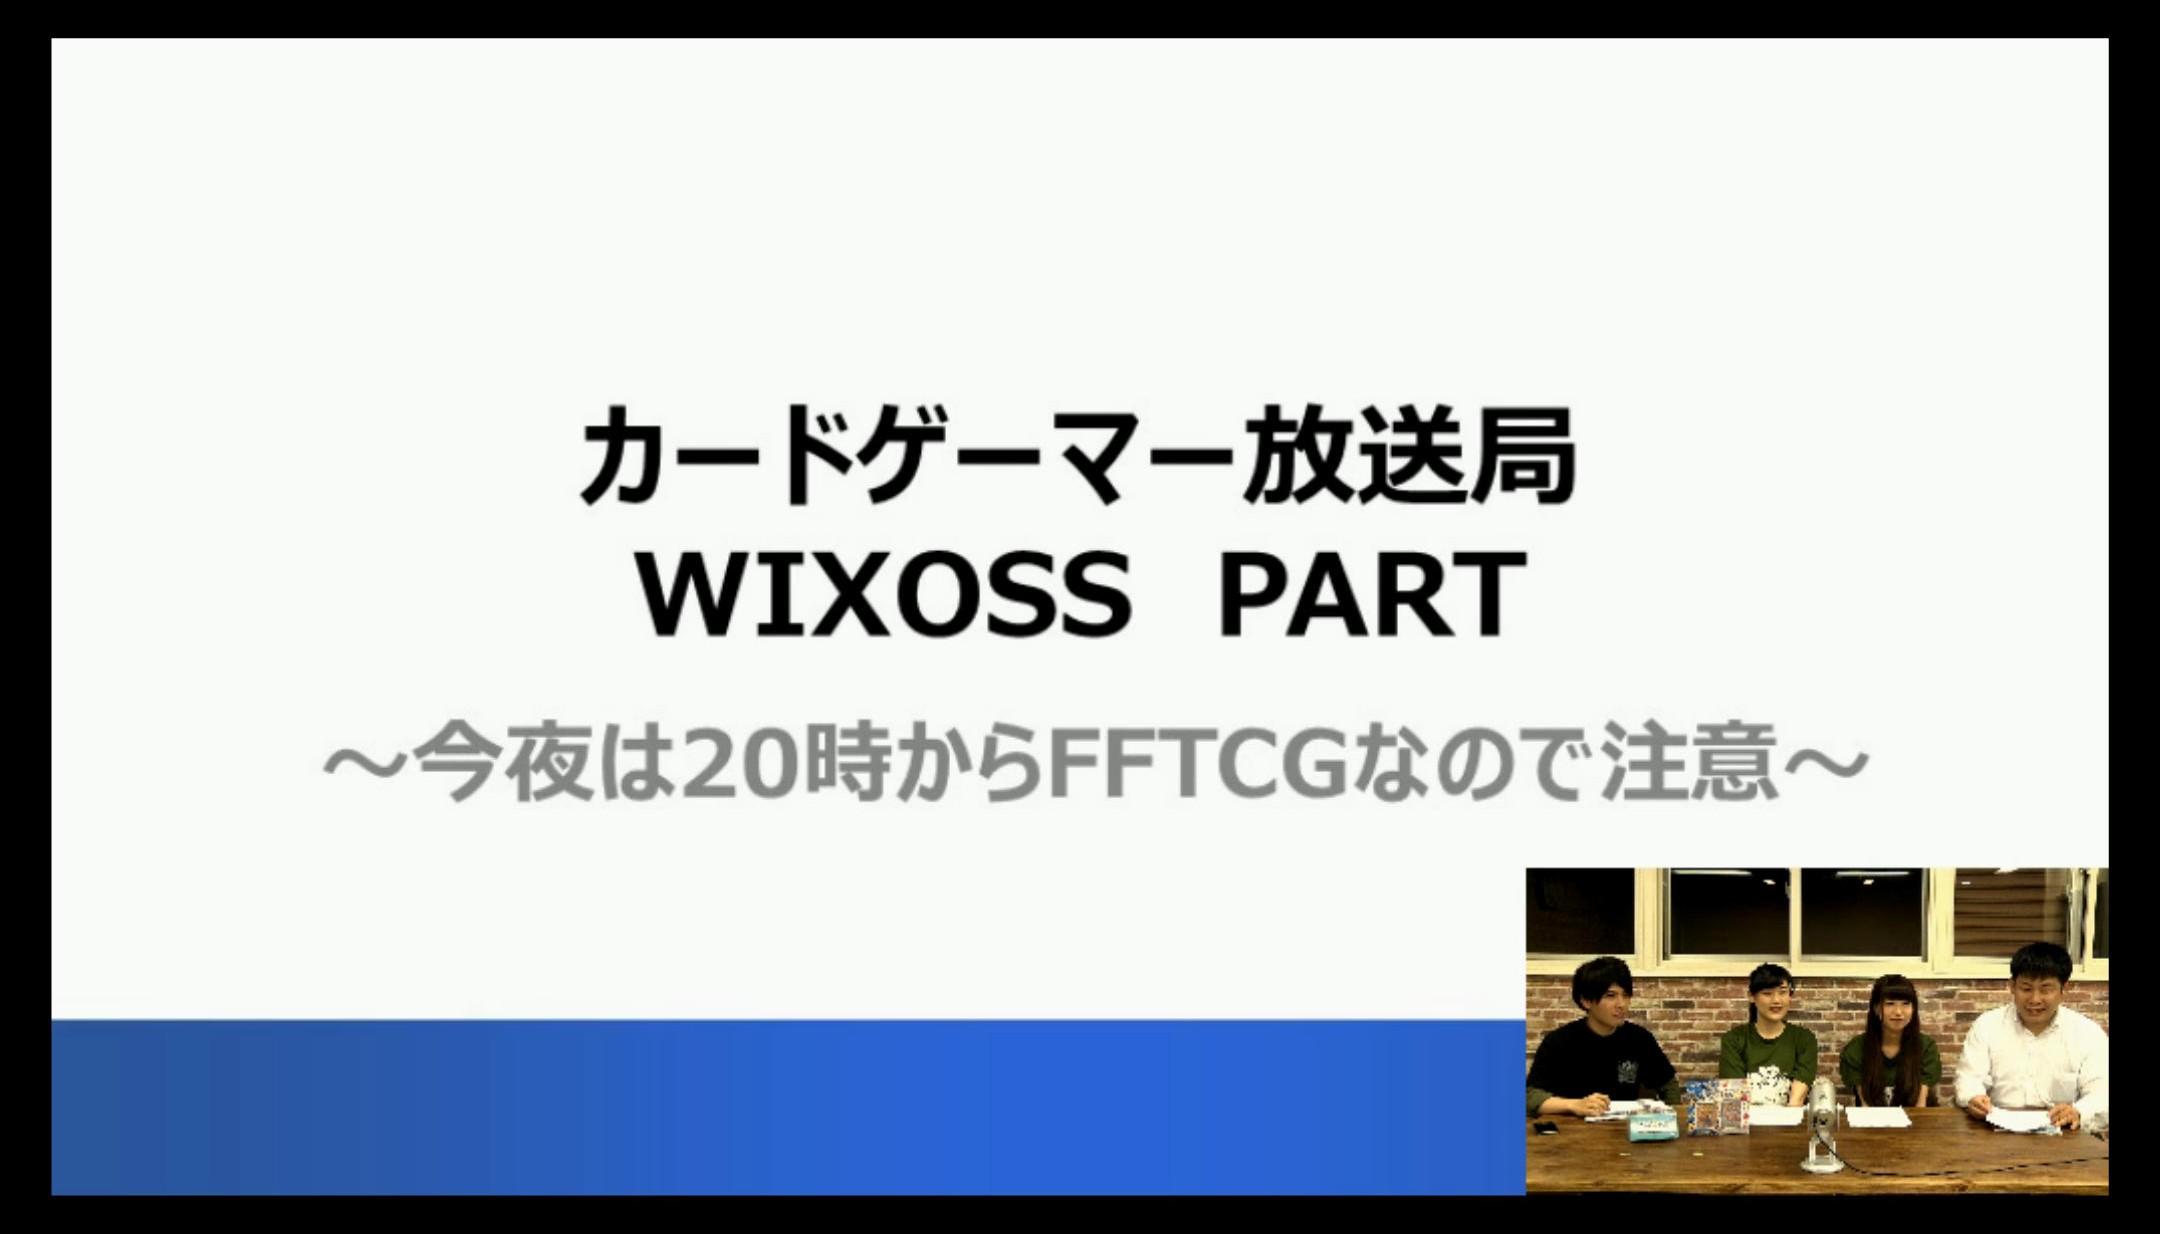 wixoss-live-170531-001.jpg